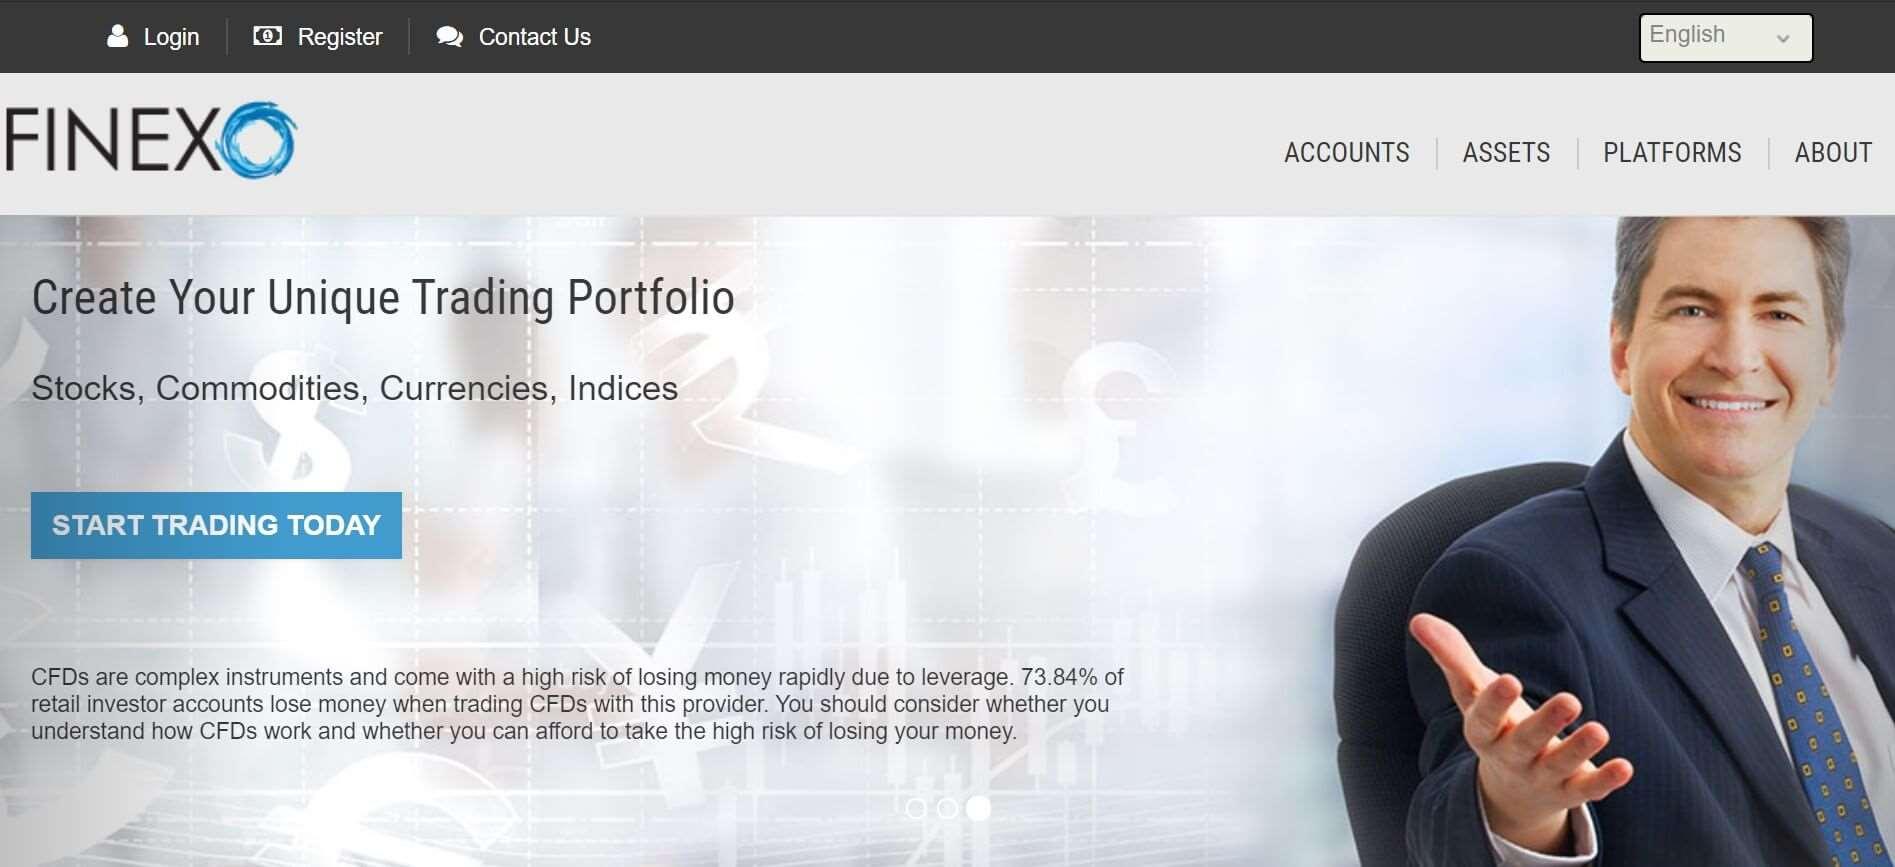 Обзор брокера Finexo: информация о компании